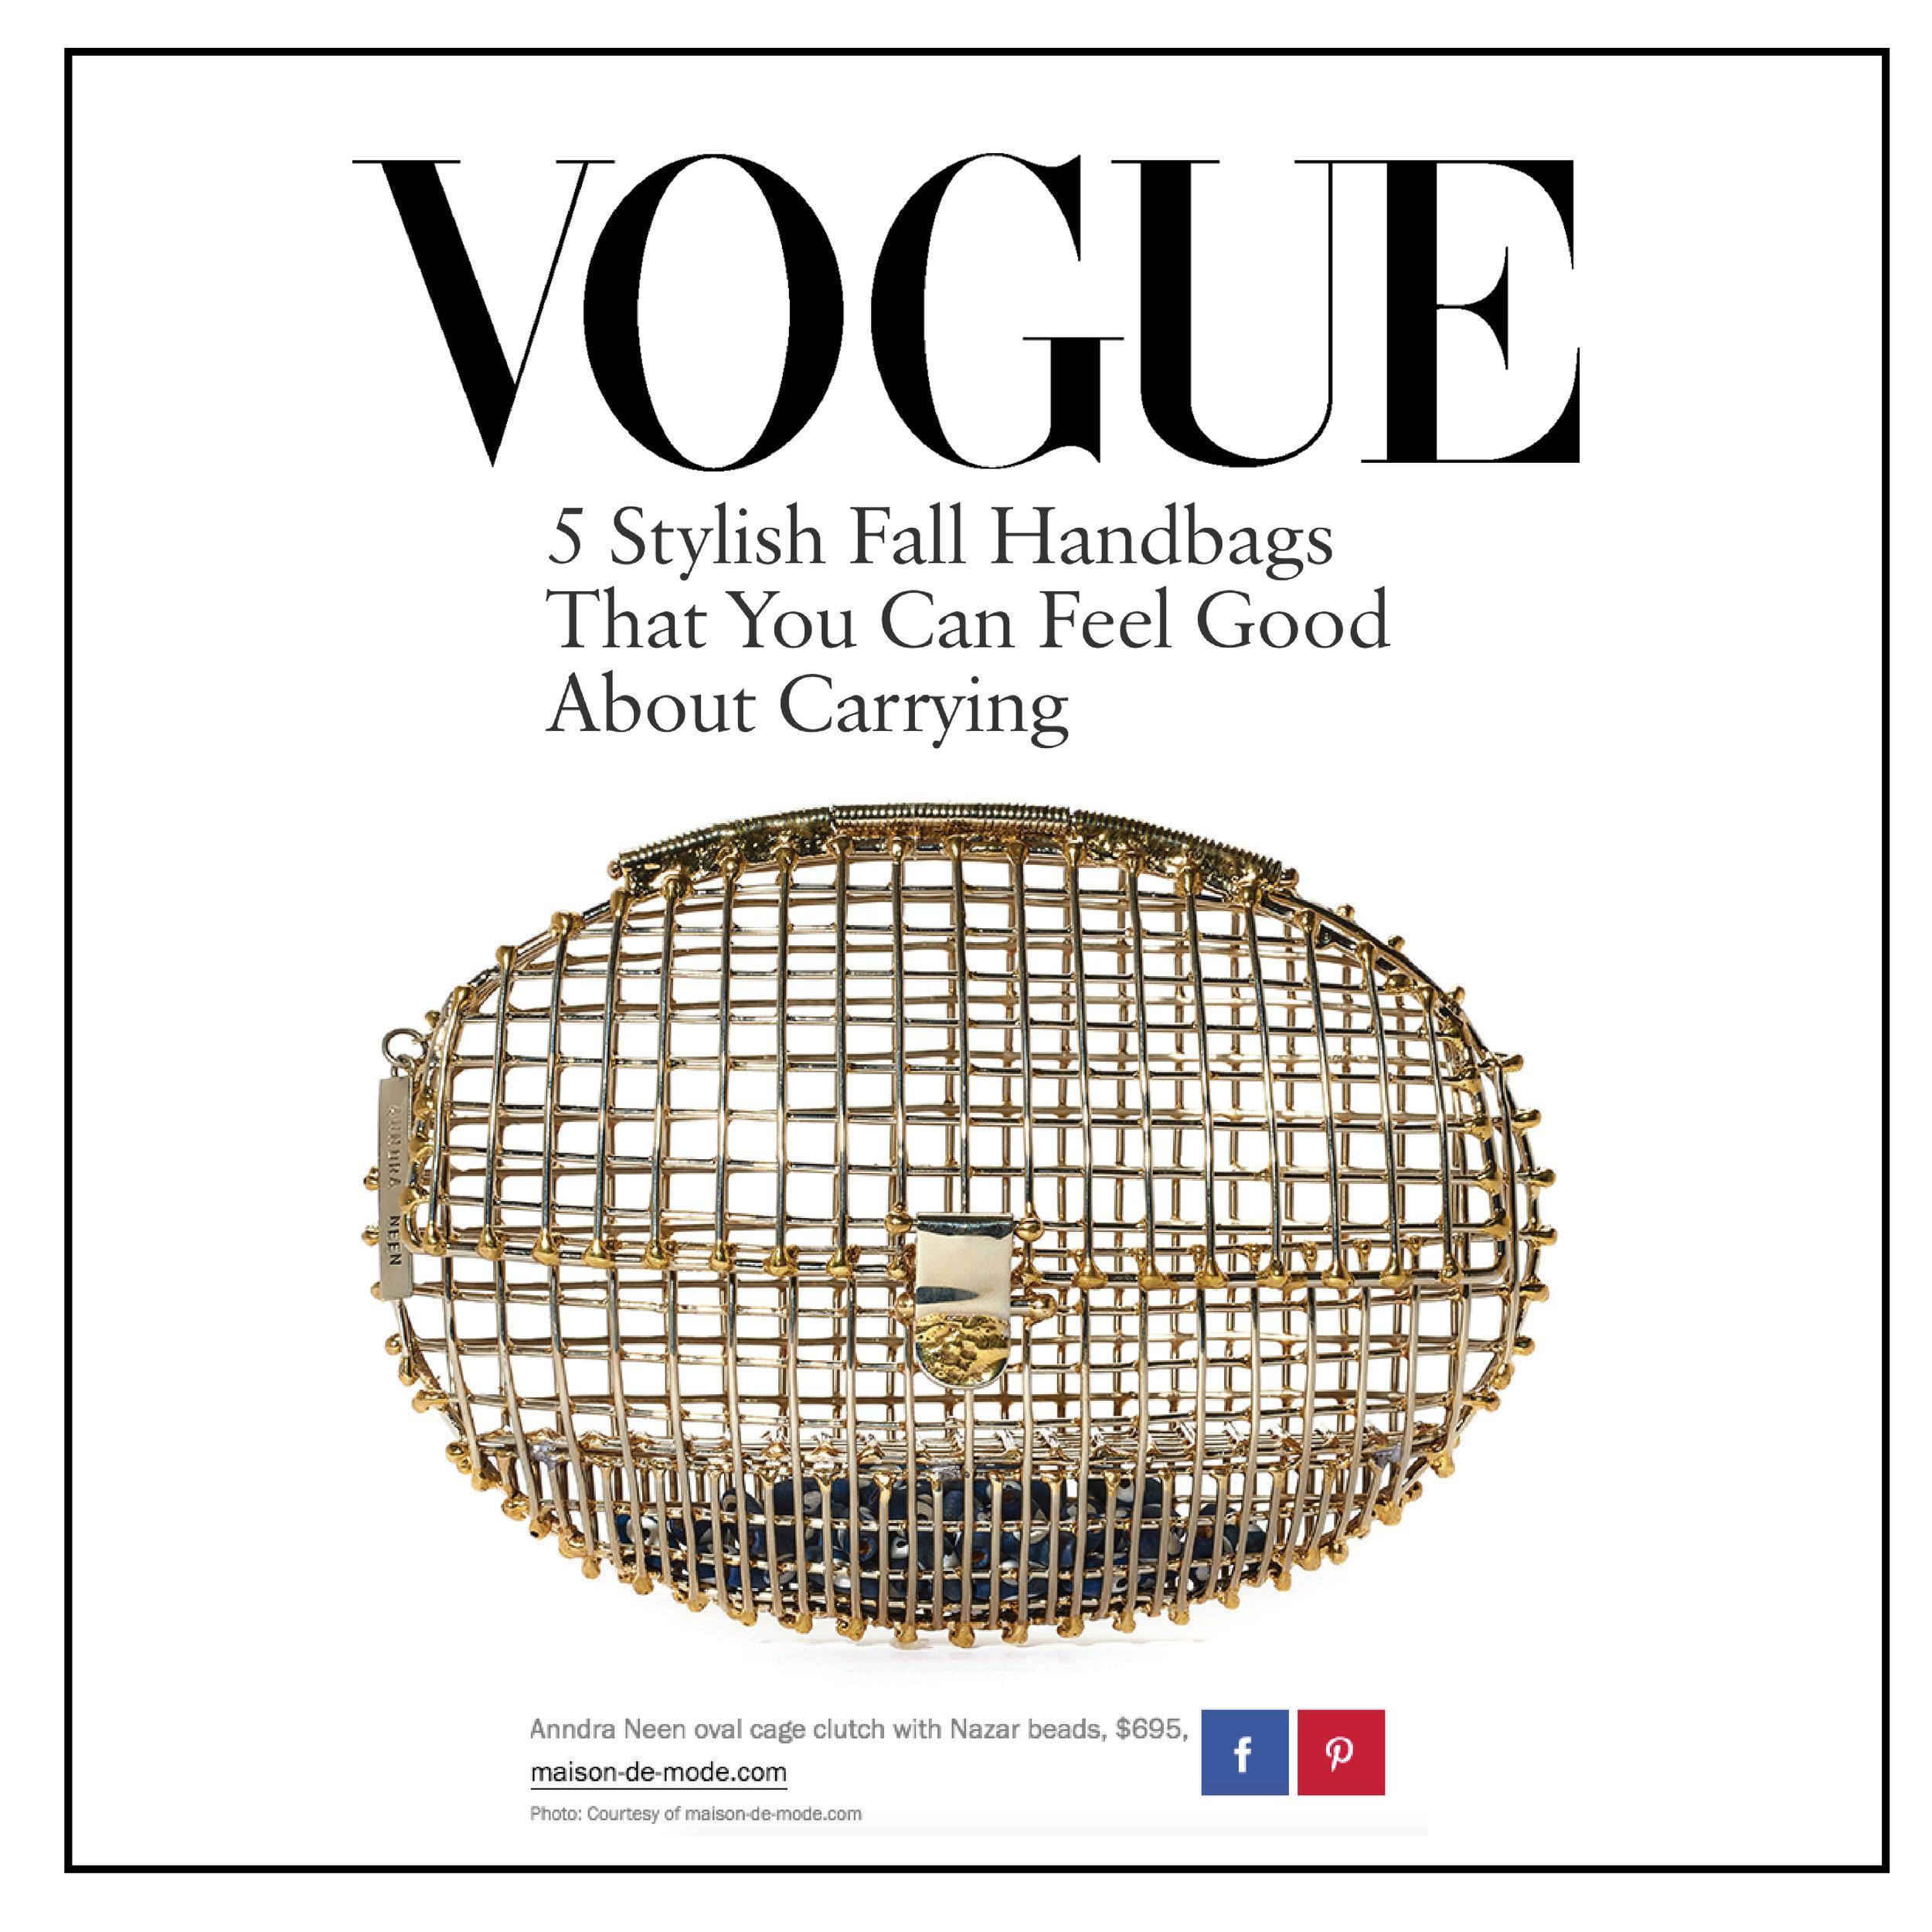 Vogue | Online |October 2016